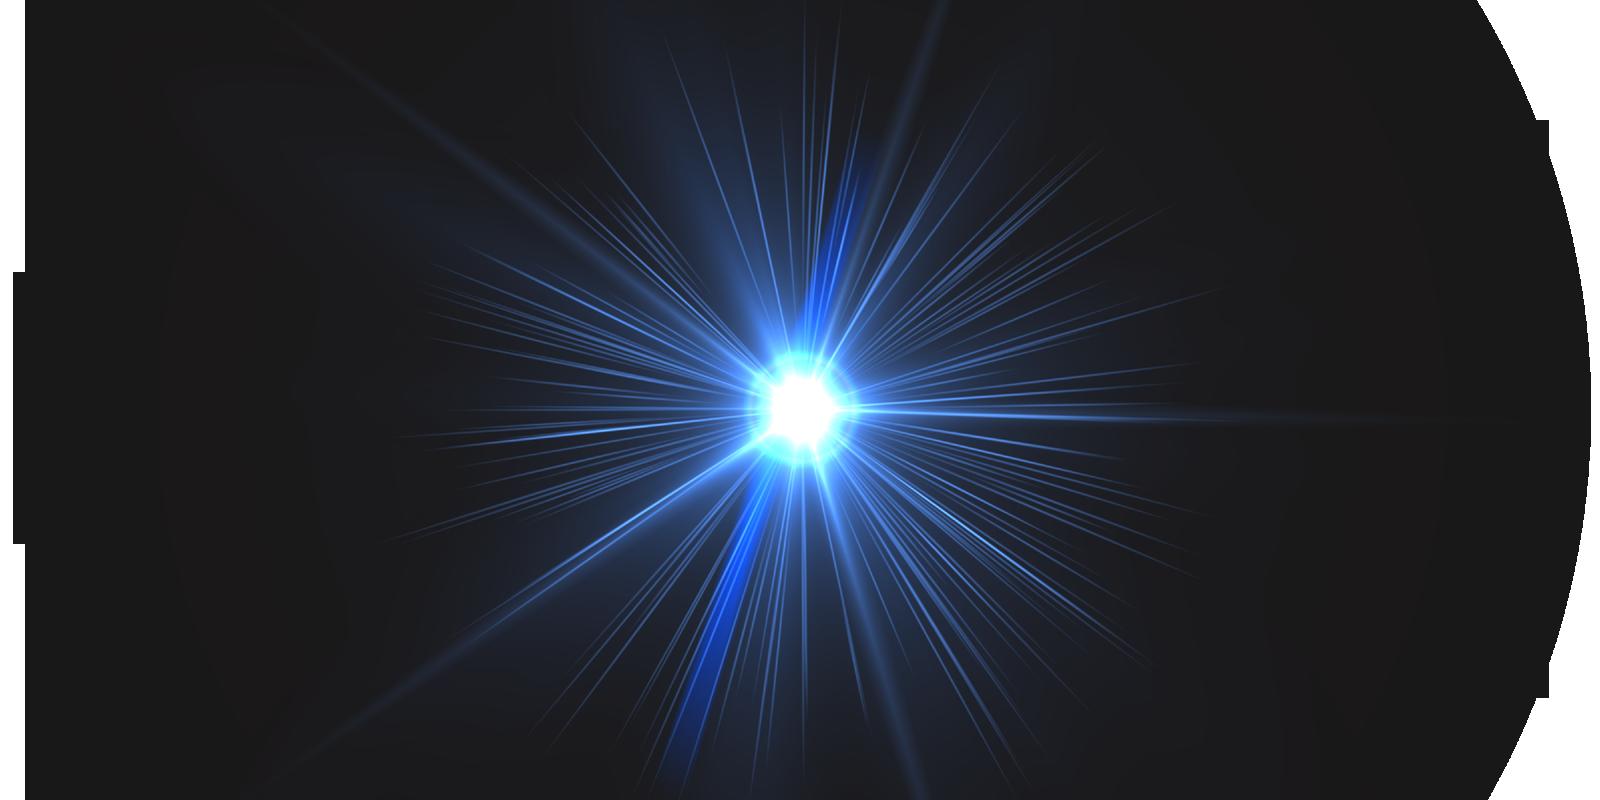 Arte Pop Brilhos de Lente de Cmera em PNG 1600x800